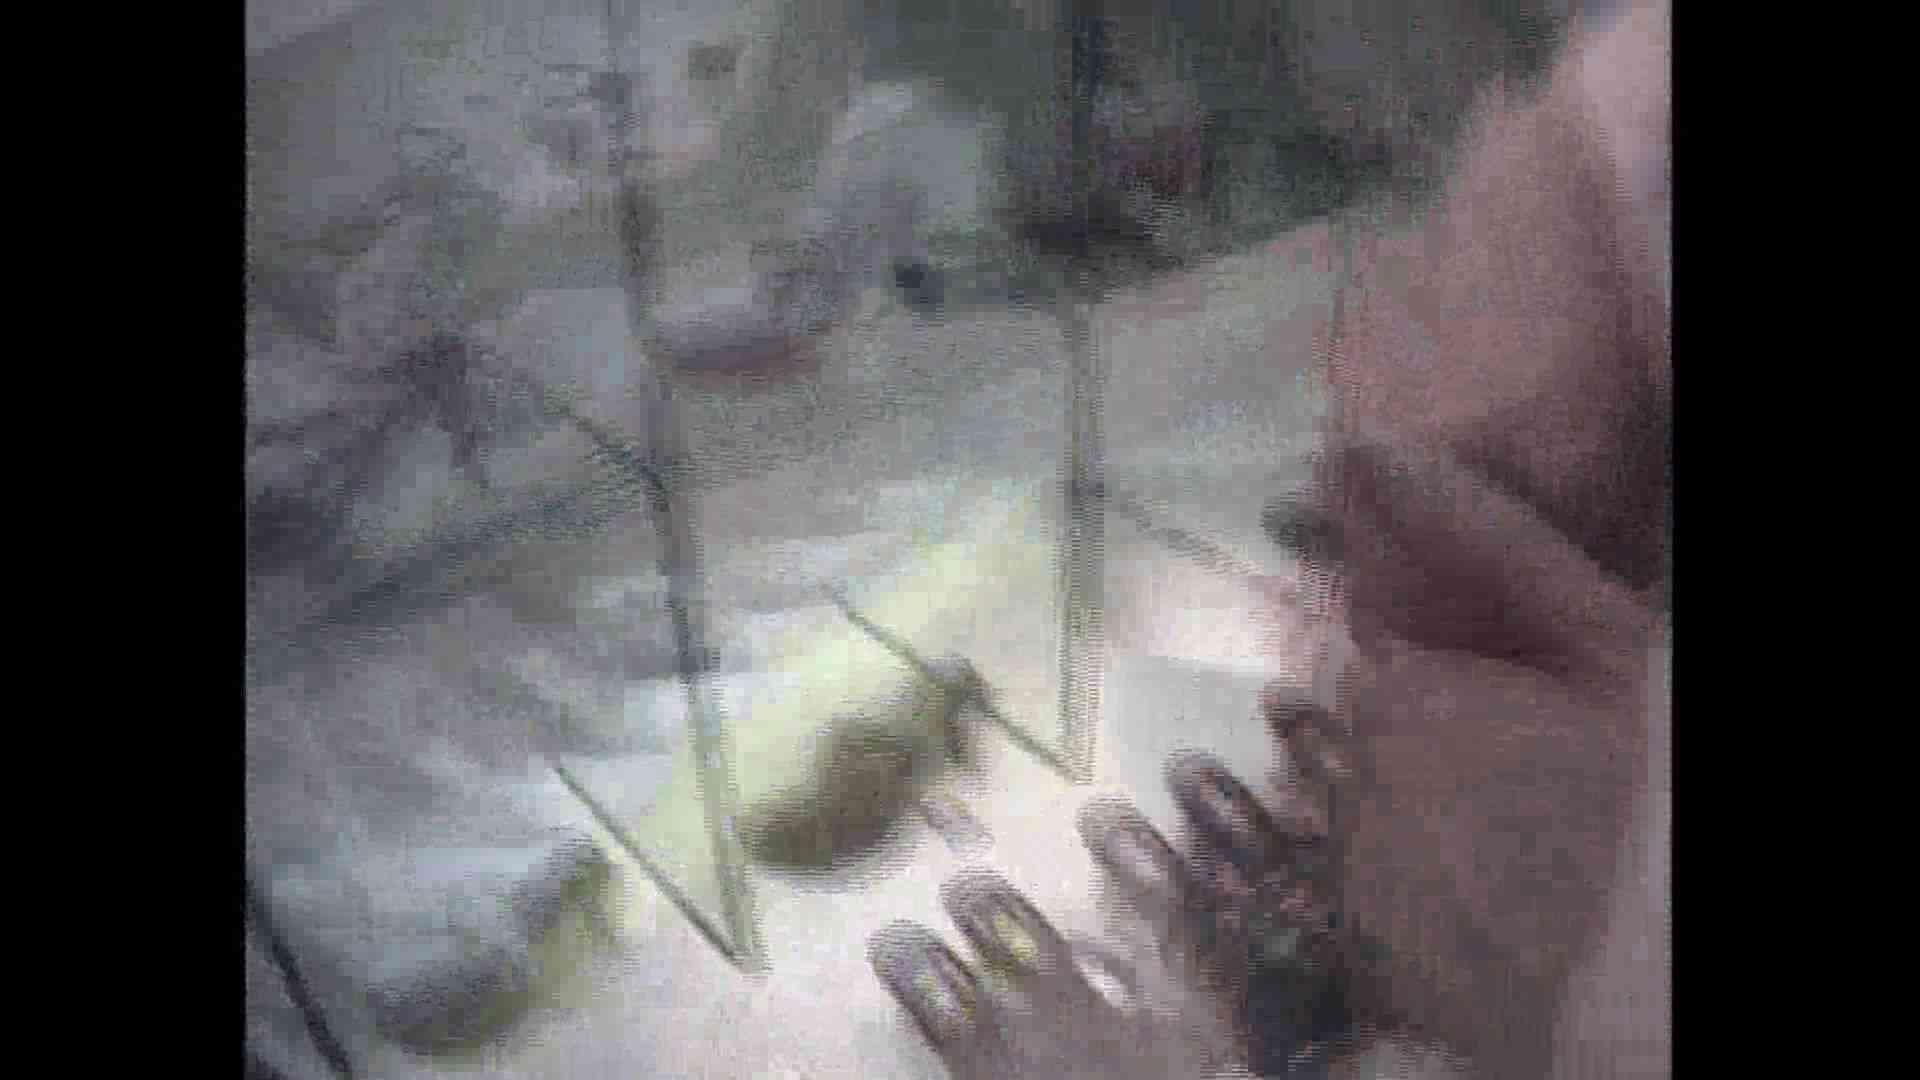 働く美女の谷間参拝 Vol.13 美女 おめこ無修正動画無料 35連発 31